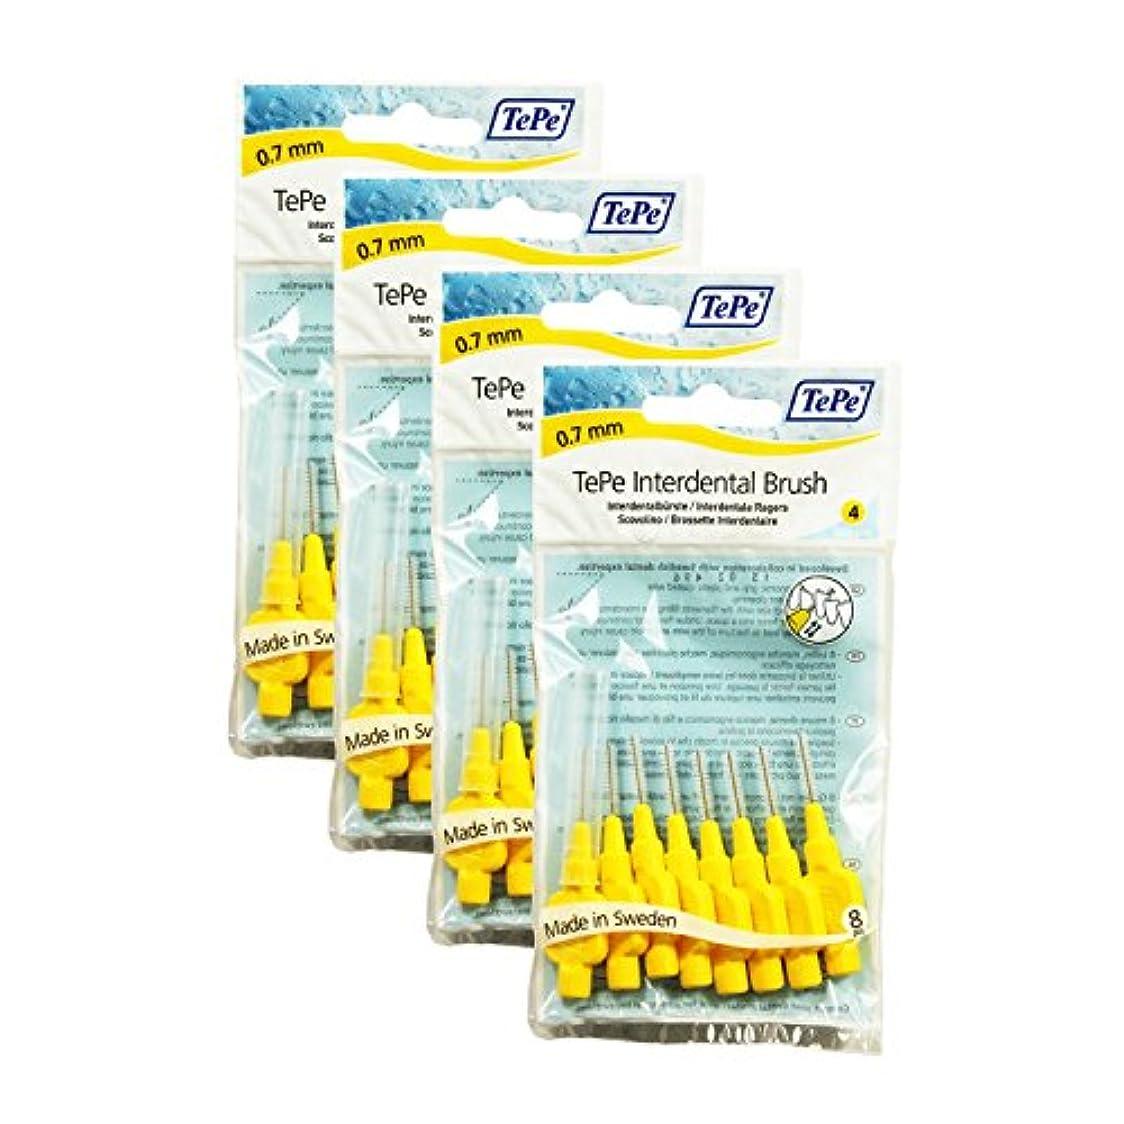 改修するアンカー魅惑的なTePe Interdental Brushes 0.7mm Yellow - 4 Packets of 8 (32 Brushes) by TePe